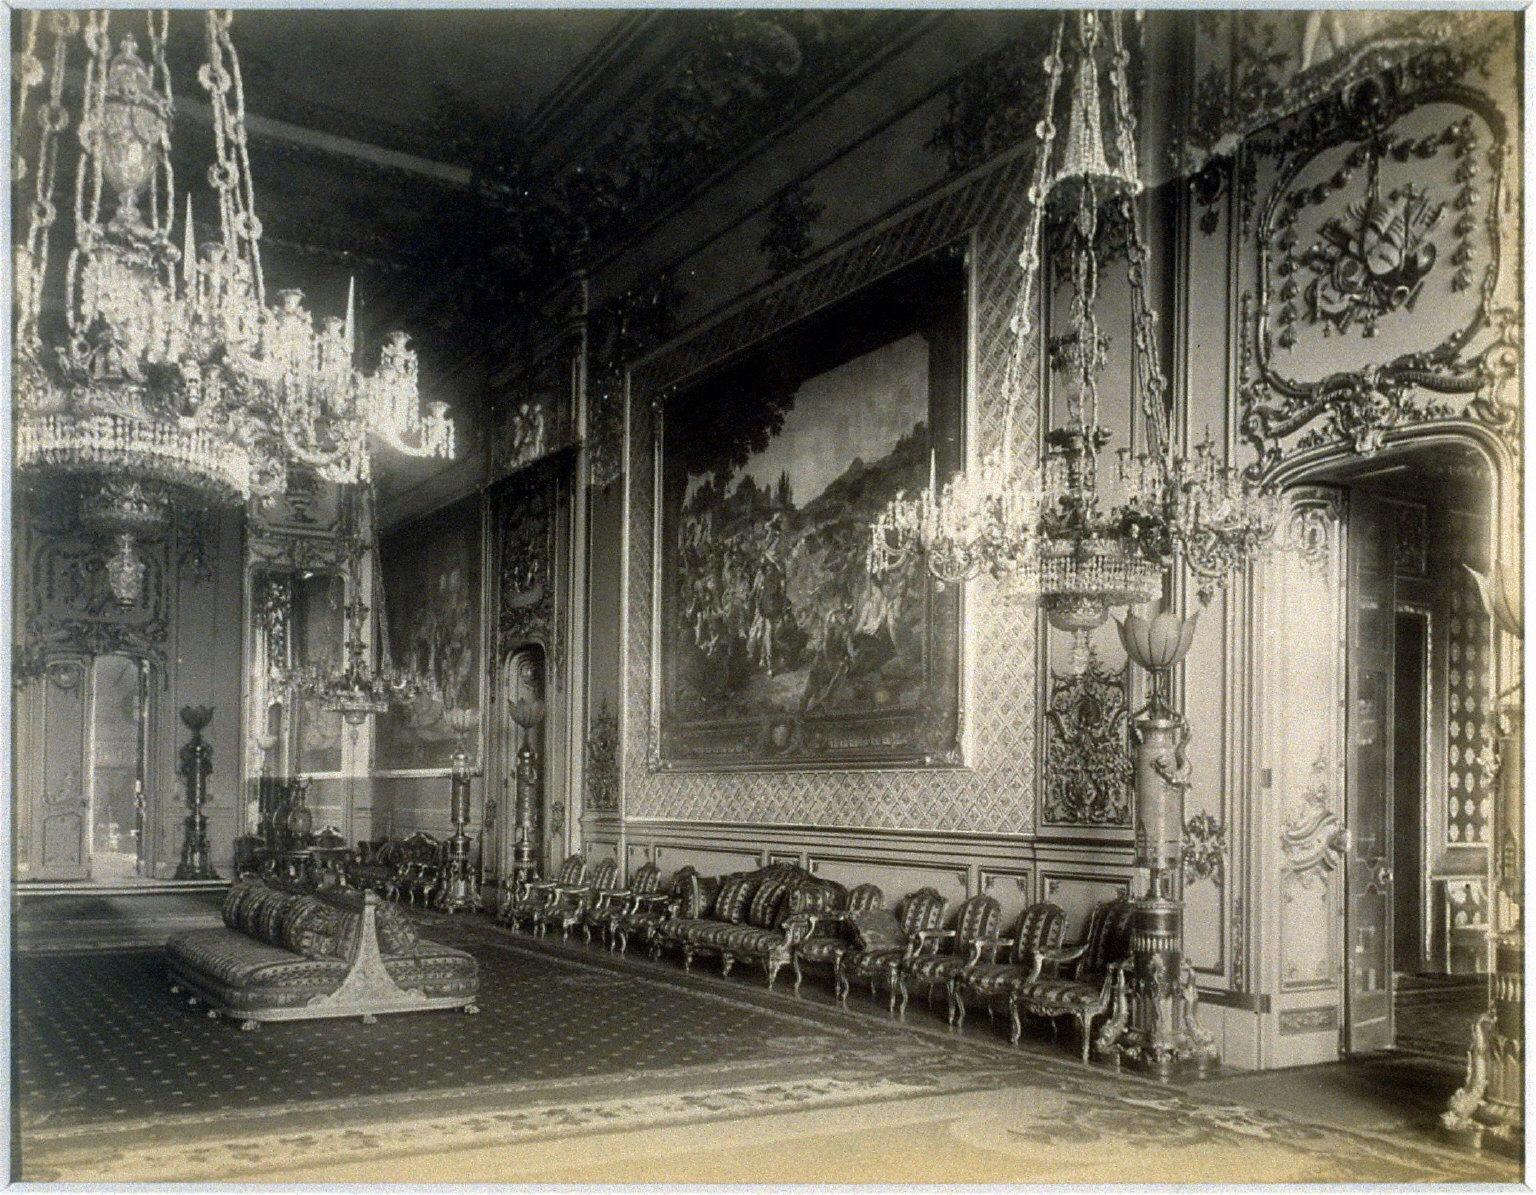 Grand Reception Room, Windsor Castle